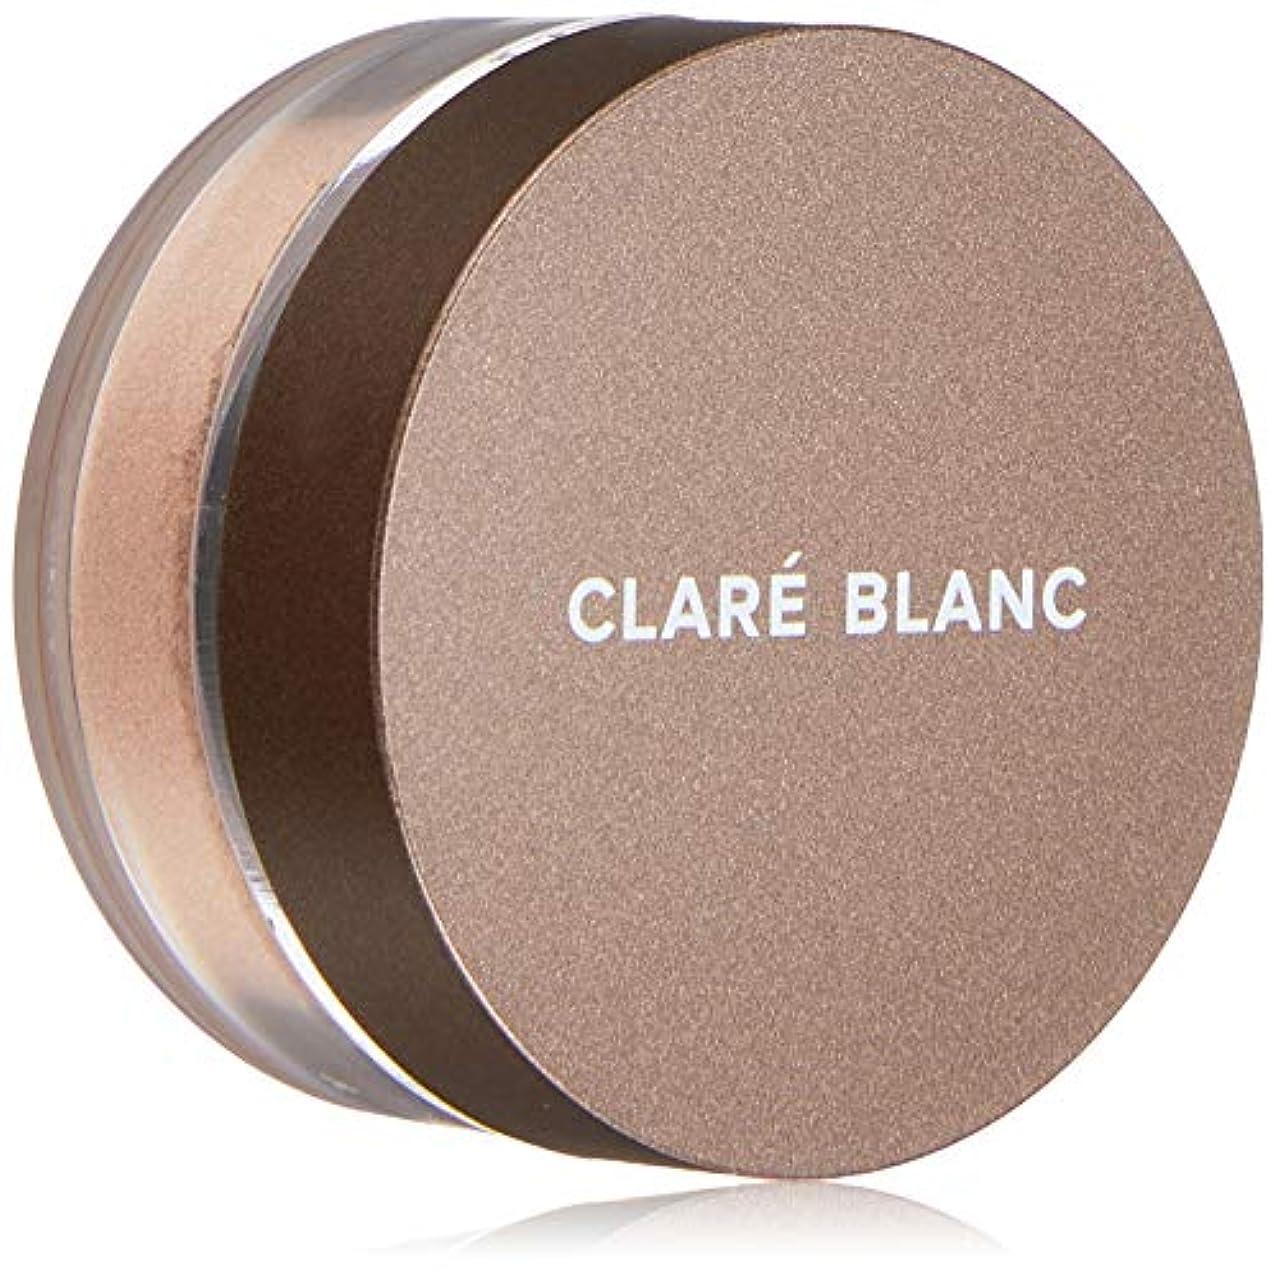 順応性確認遊具CLARE BLANC(クラレブラン) ミネラルアイシャドウ 847 BARE